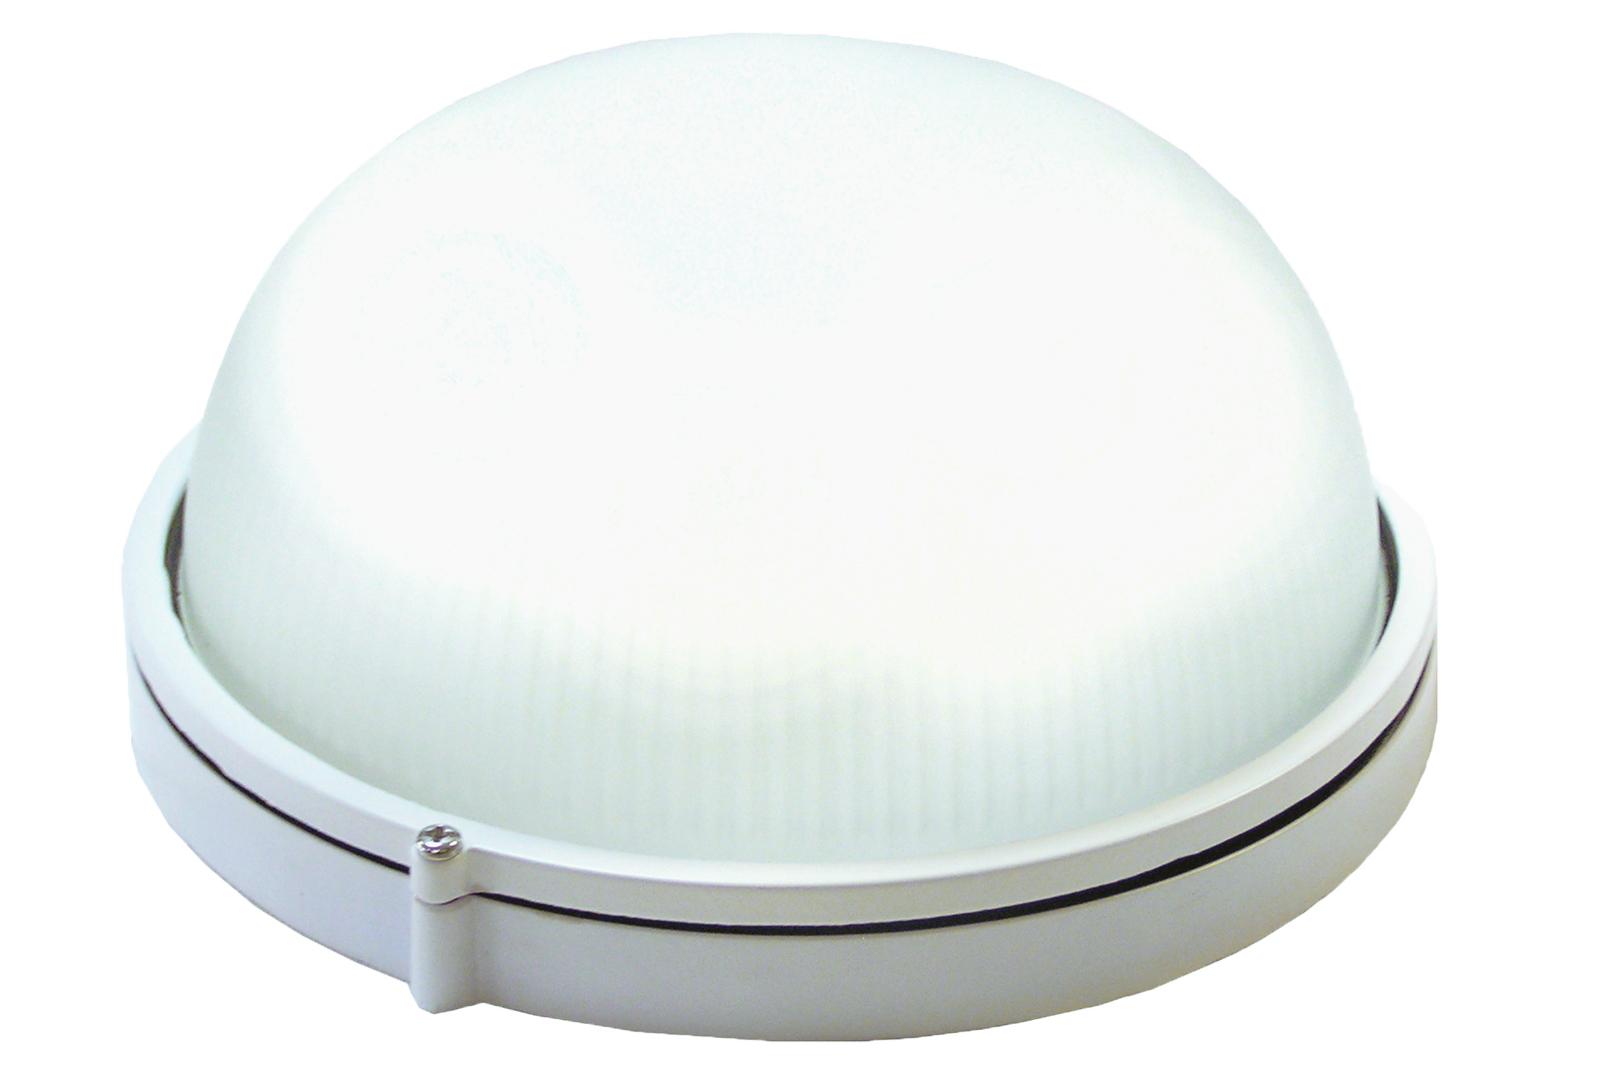 Светильник настенно-потолочный Tdm Sq0329-0021 светильник tdm sq0329 0066